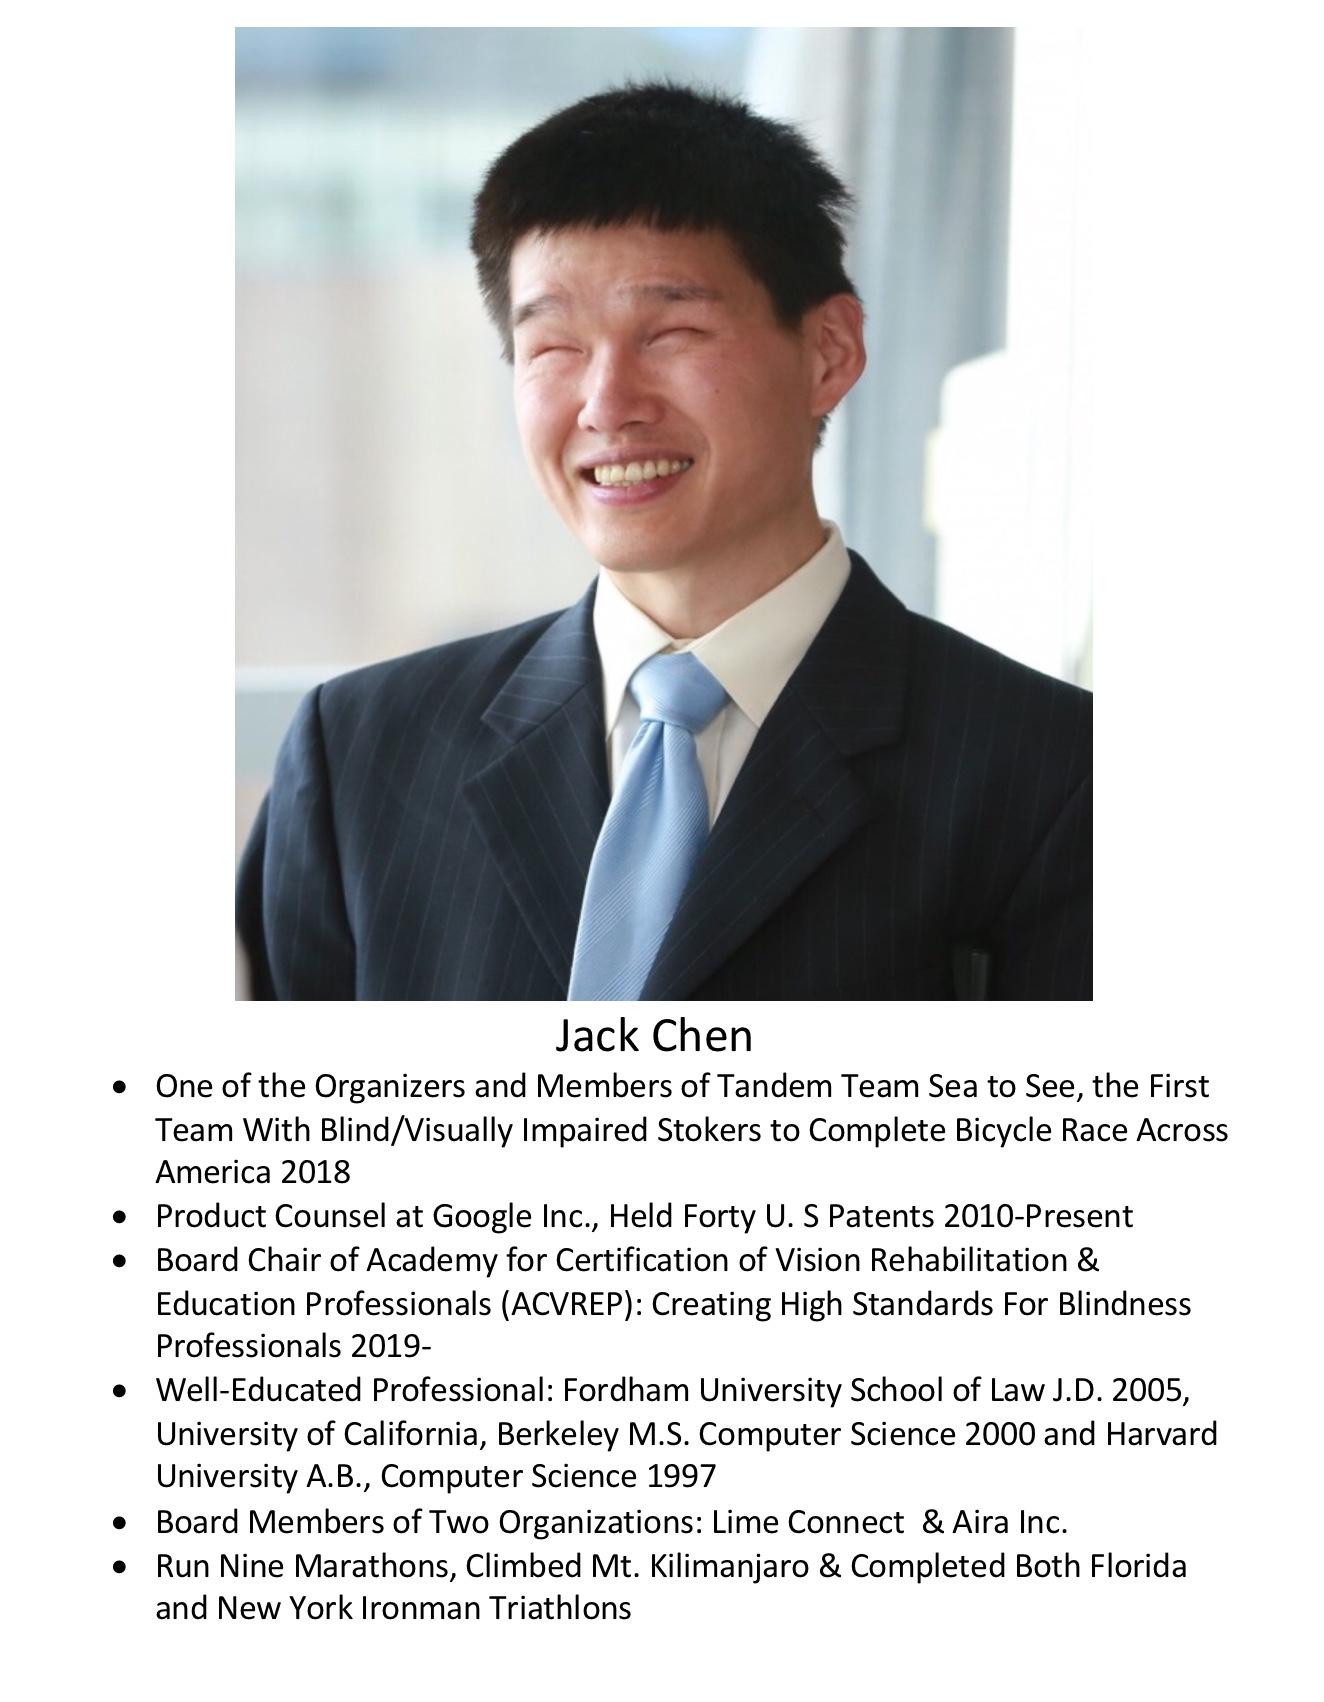 272. Jack Chen